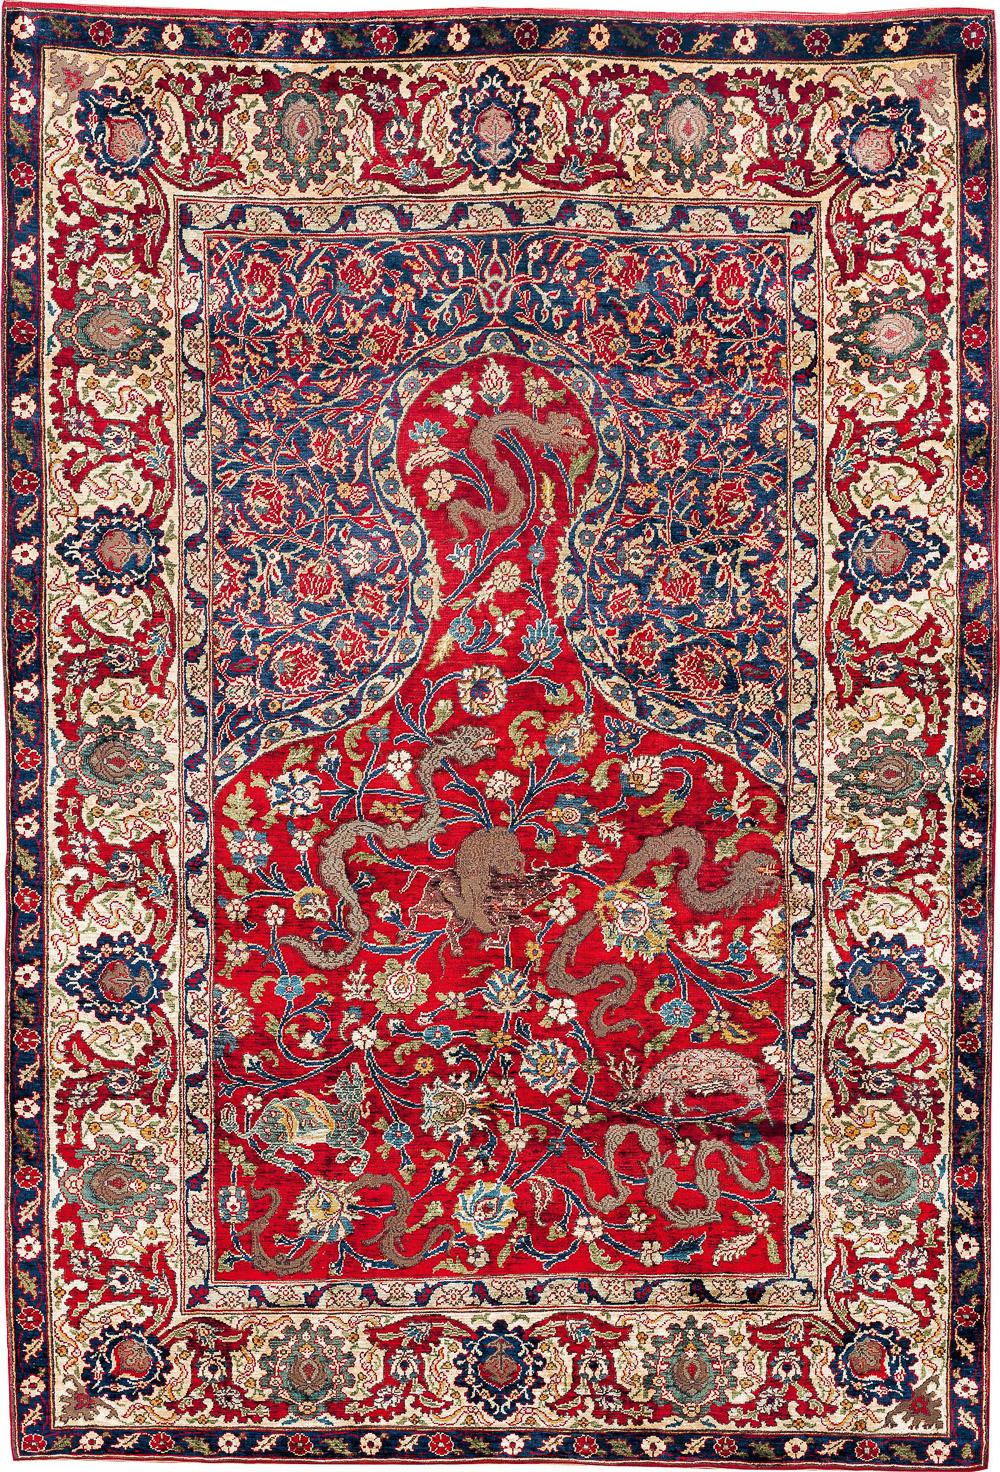 Kumkapi rug, Arkas Collection